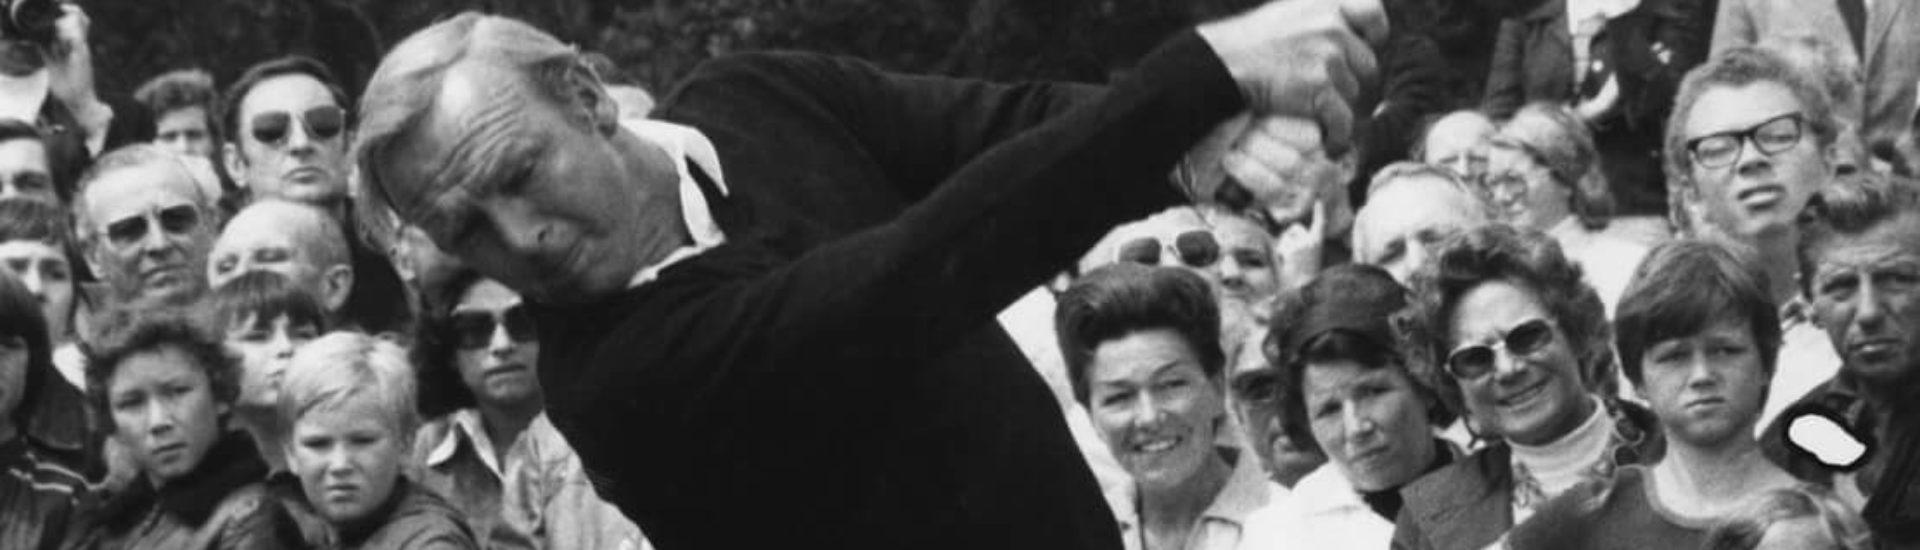 Golf-Stars und ihr Leben #15: Arnold Palmer